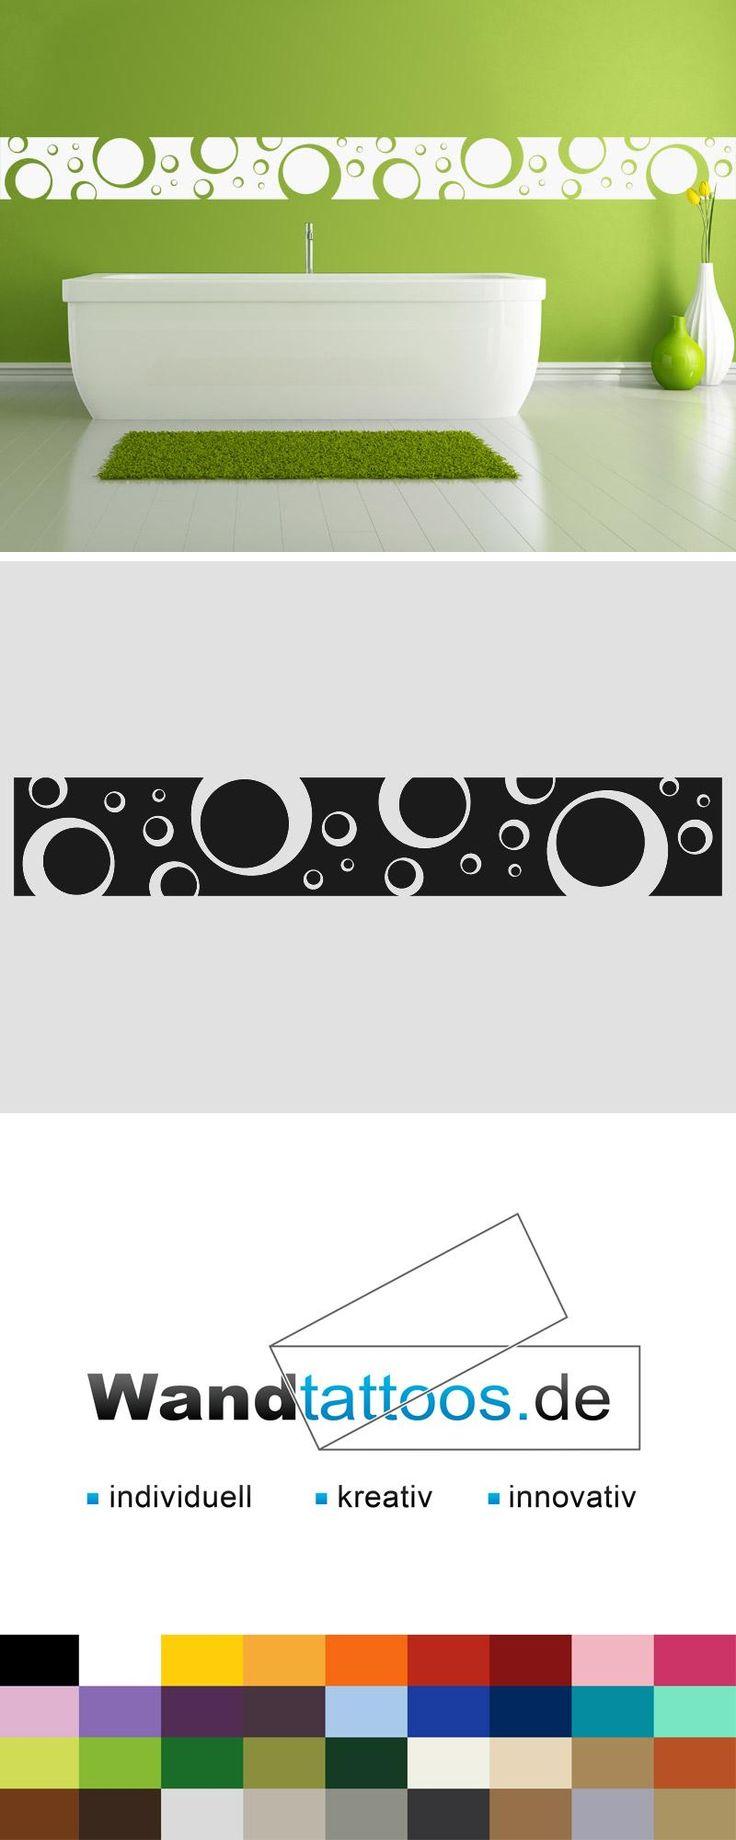 Fresh Wandtattoo Bord re Seifenblasen als Idee zur individuellen Wandgestaltung Einfach Lieblingsfarbe und Gr e ausw hlen Weitere